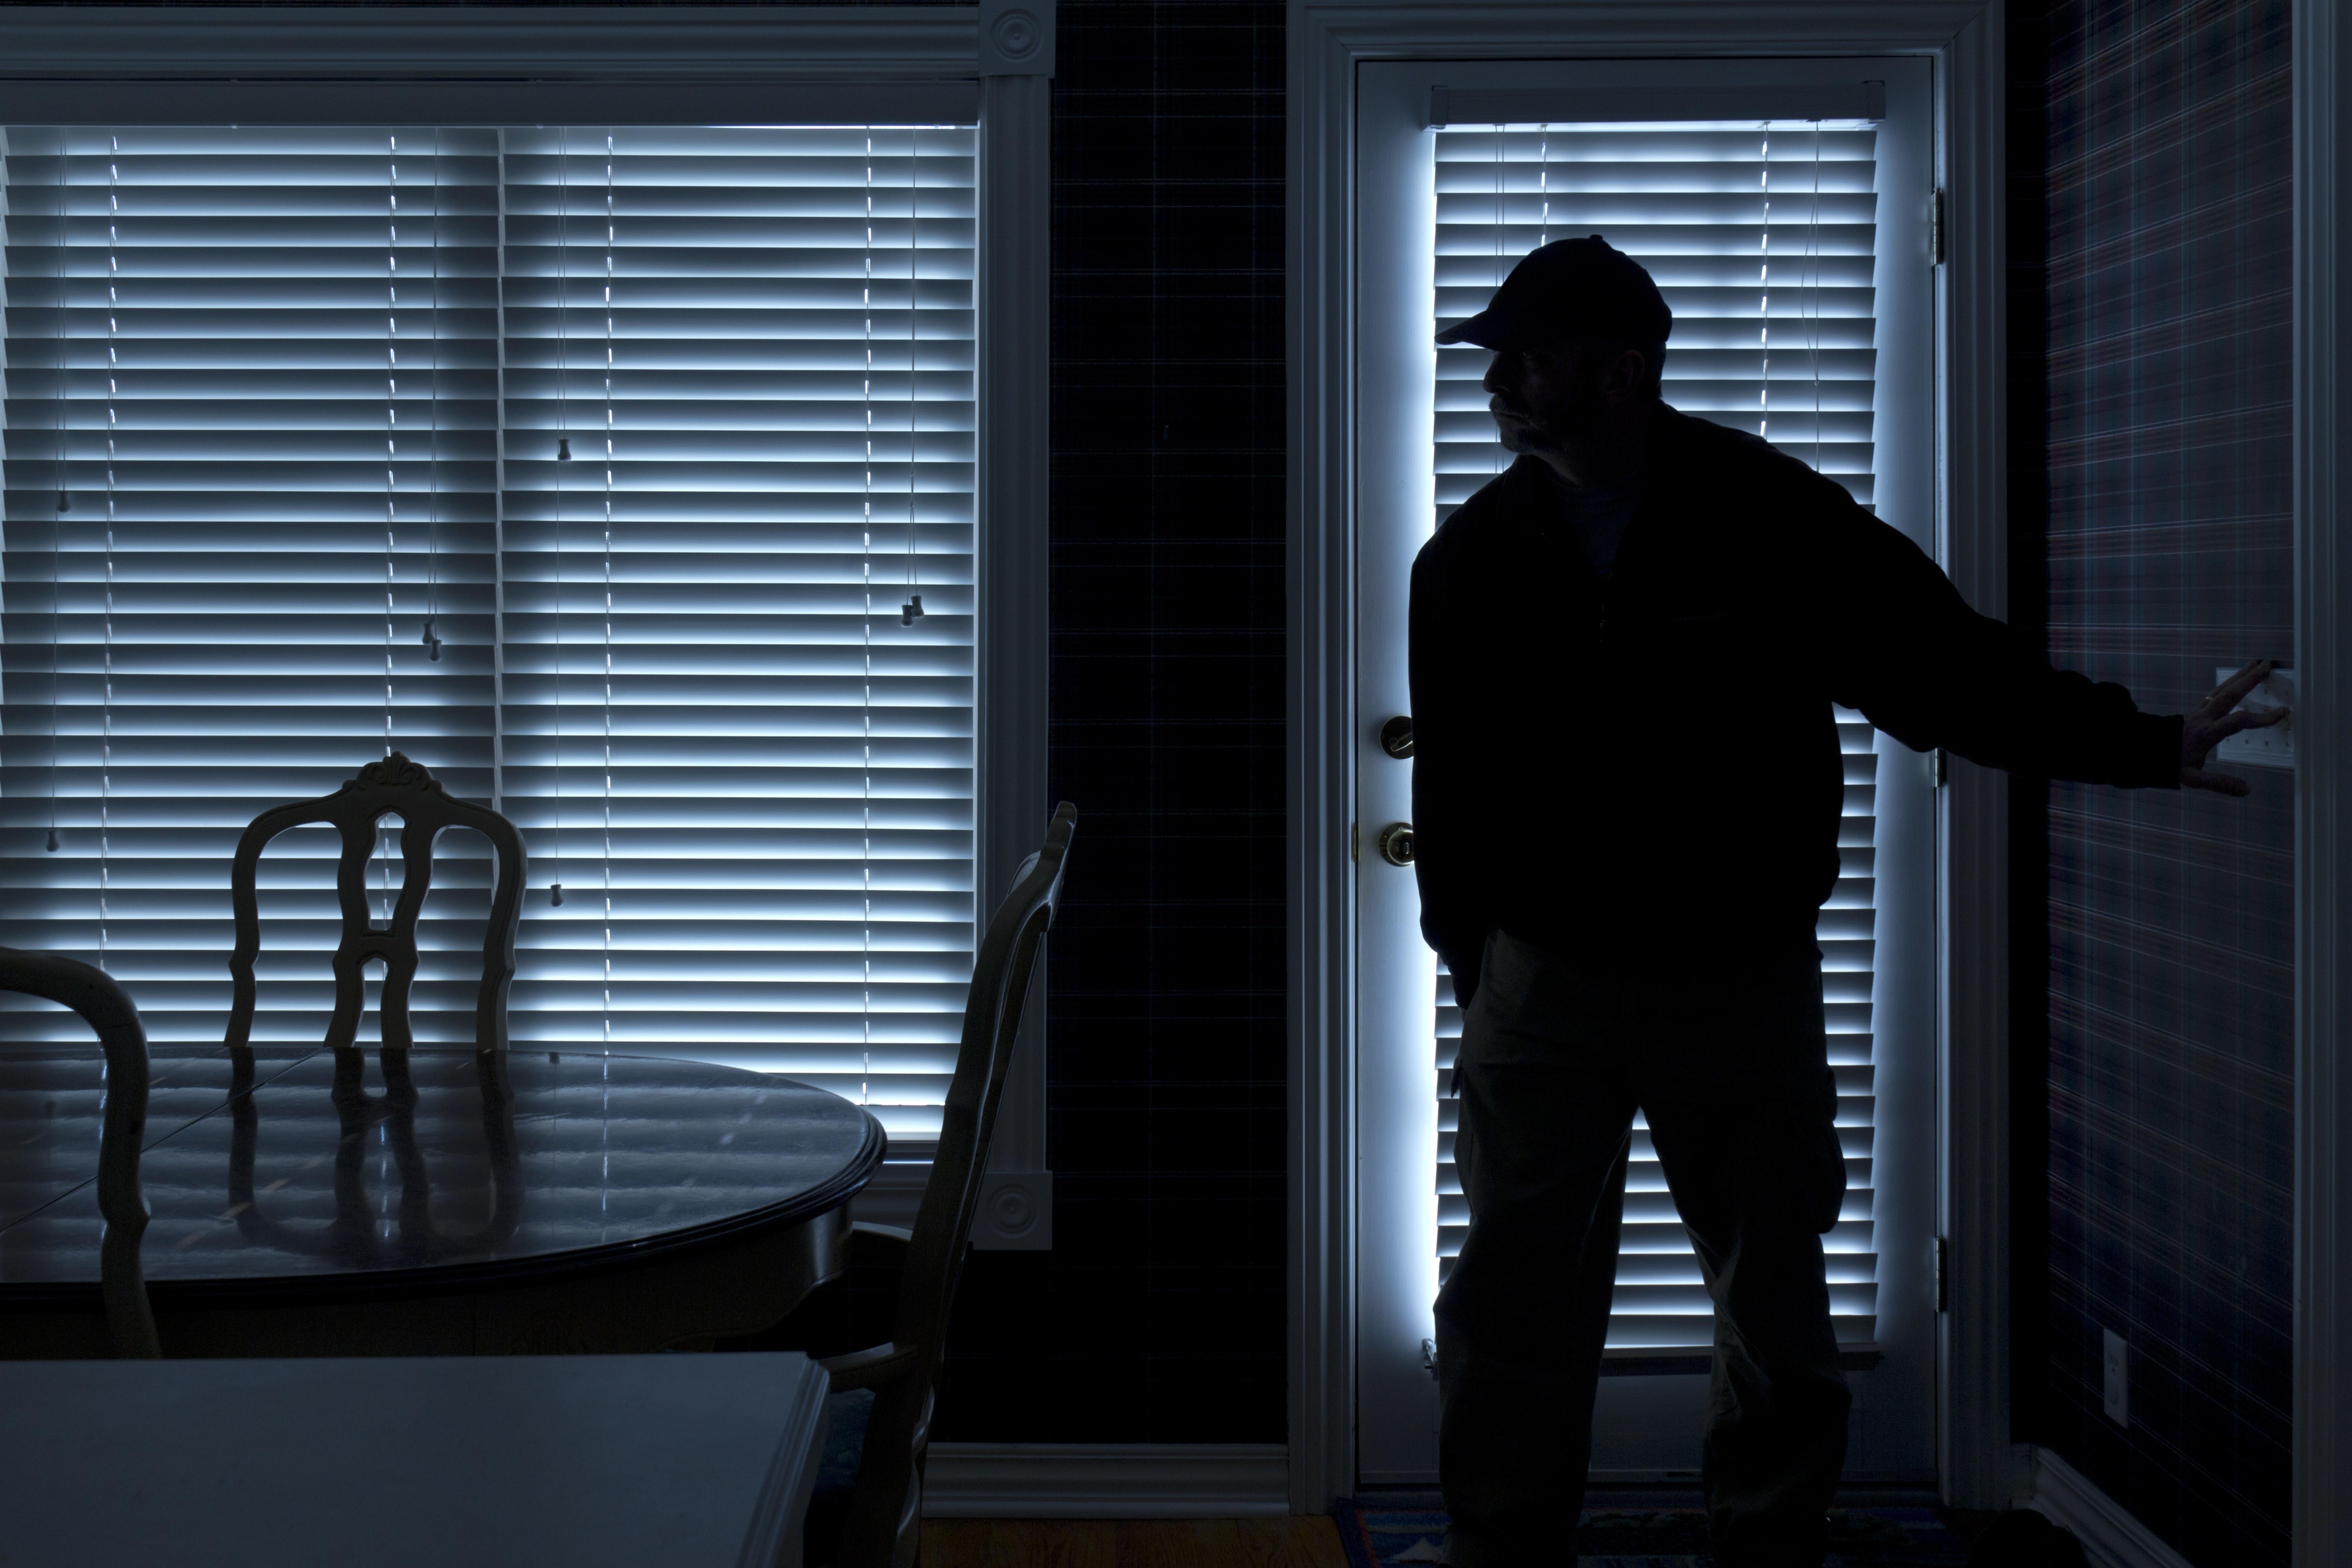 空き巣の防犯対策を紹介!侵入方法や手口を知って被害を防ごう!空き巣に入られやすい時間、マンション、アパートの条件とは?